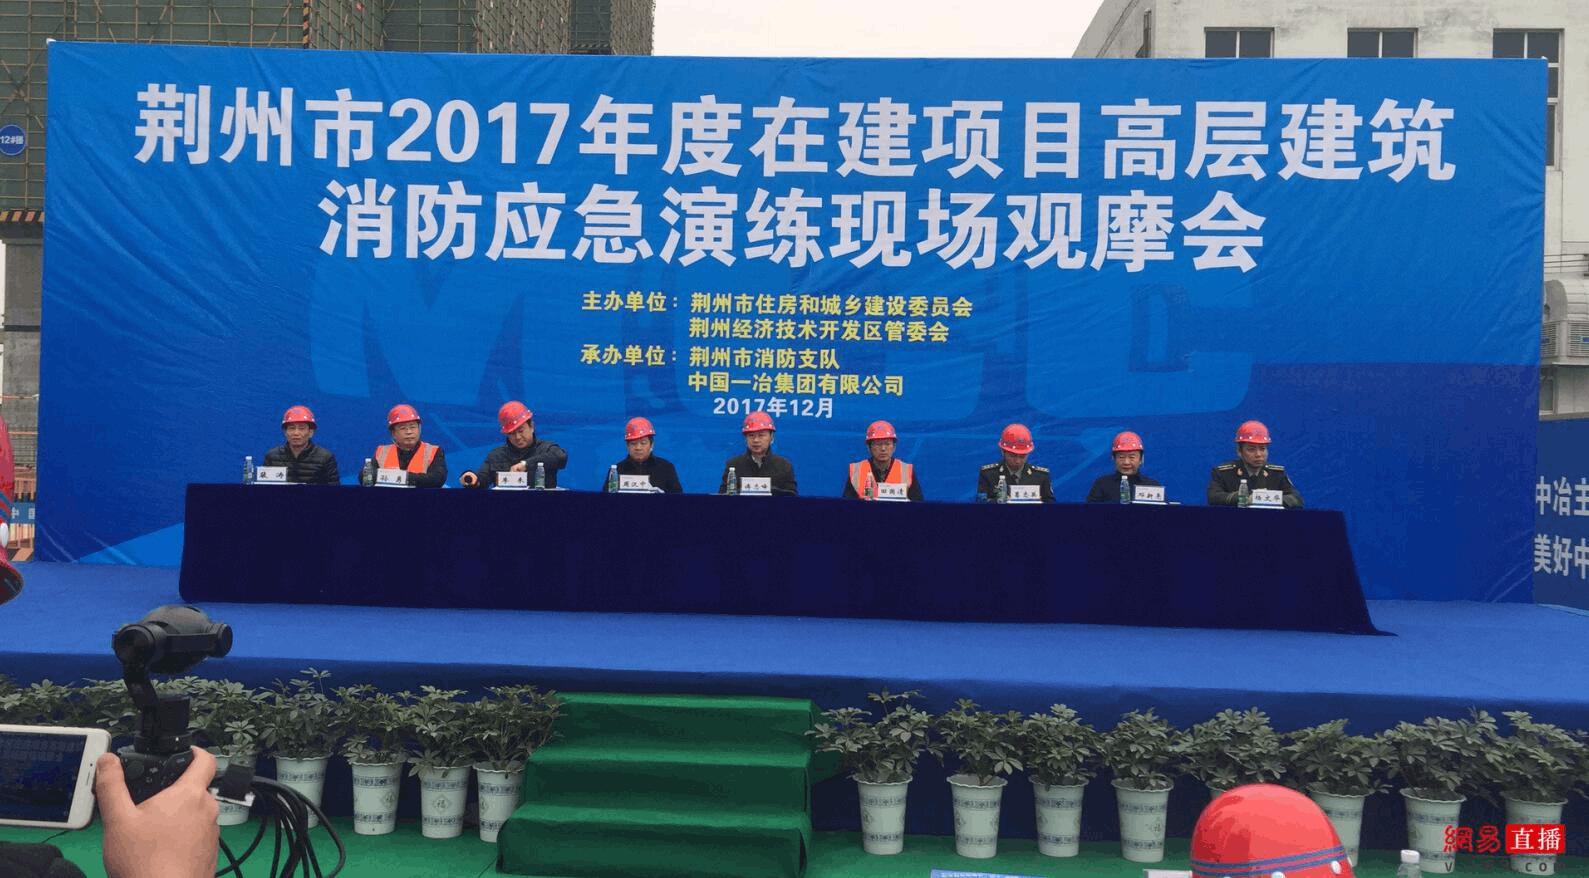 荆州举行在建高层建筑消防应急演练